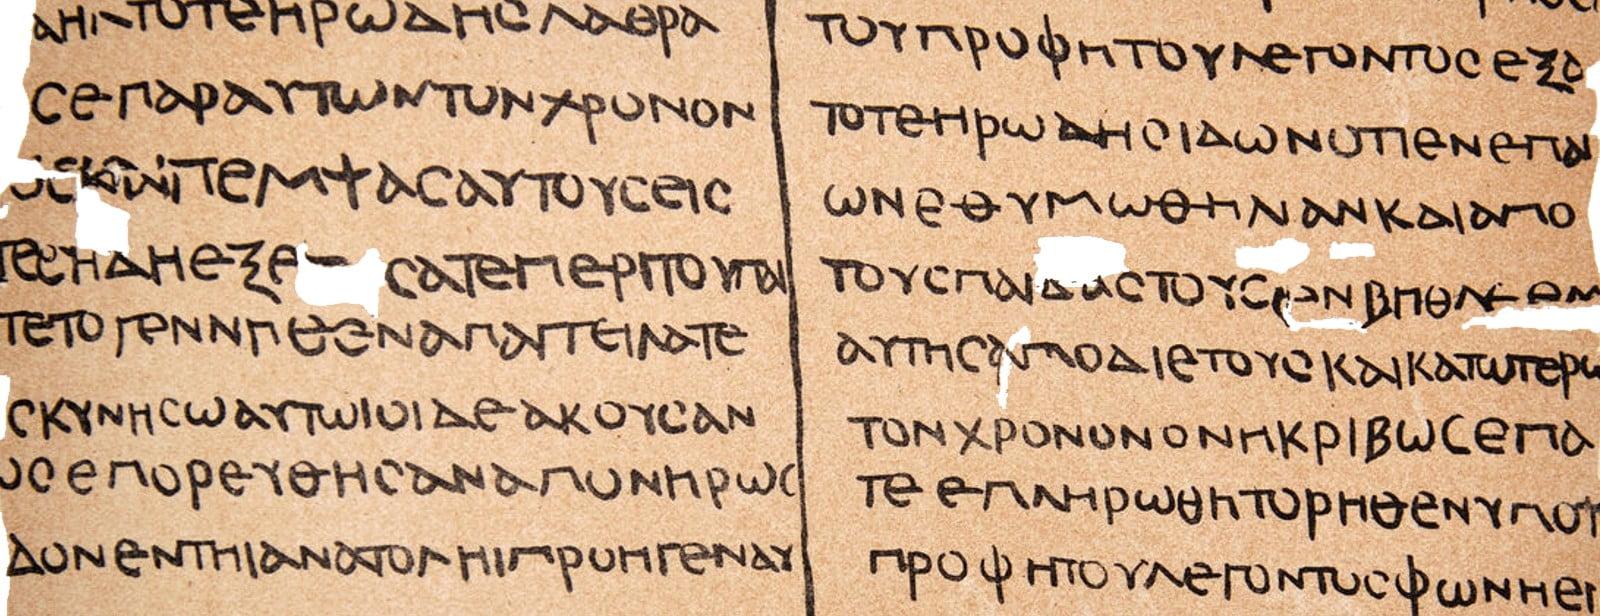 La fin intrigante de l'évangile de Marc, les rencontres avec Jésus ressuscité ont-elles été ajoutées ?